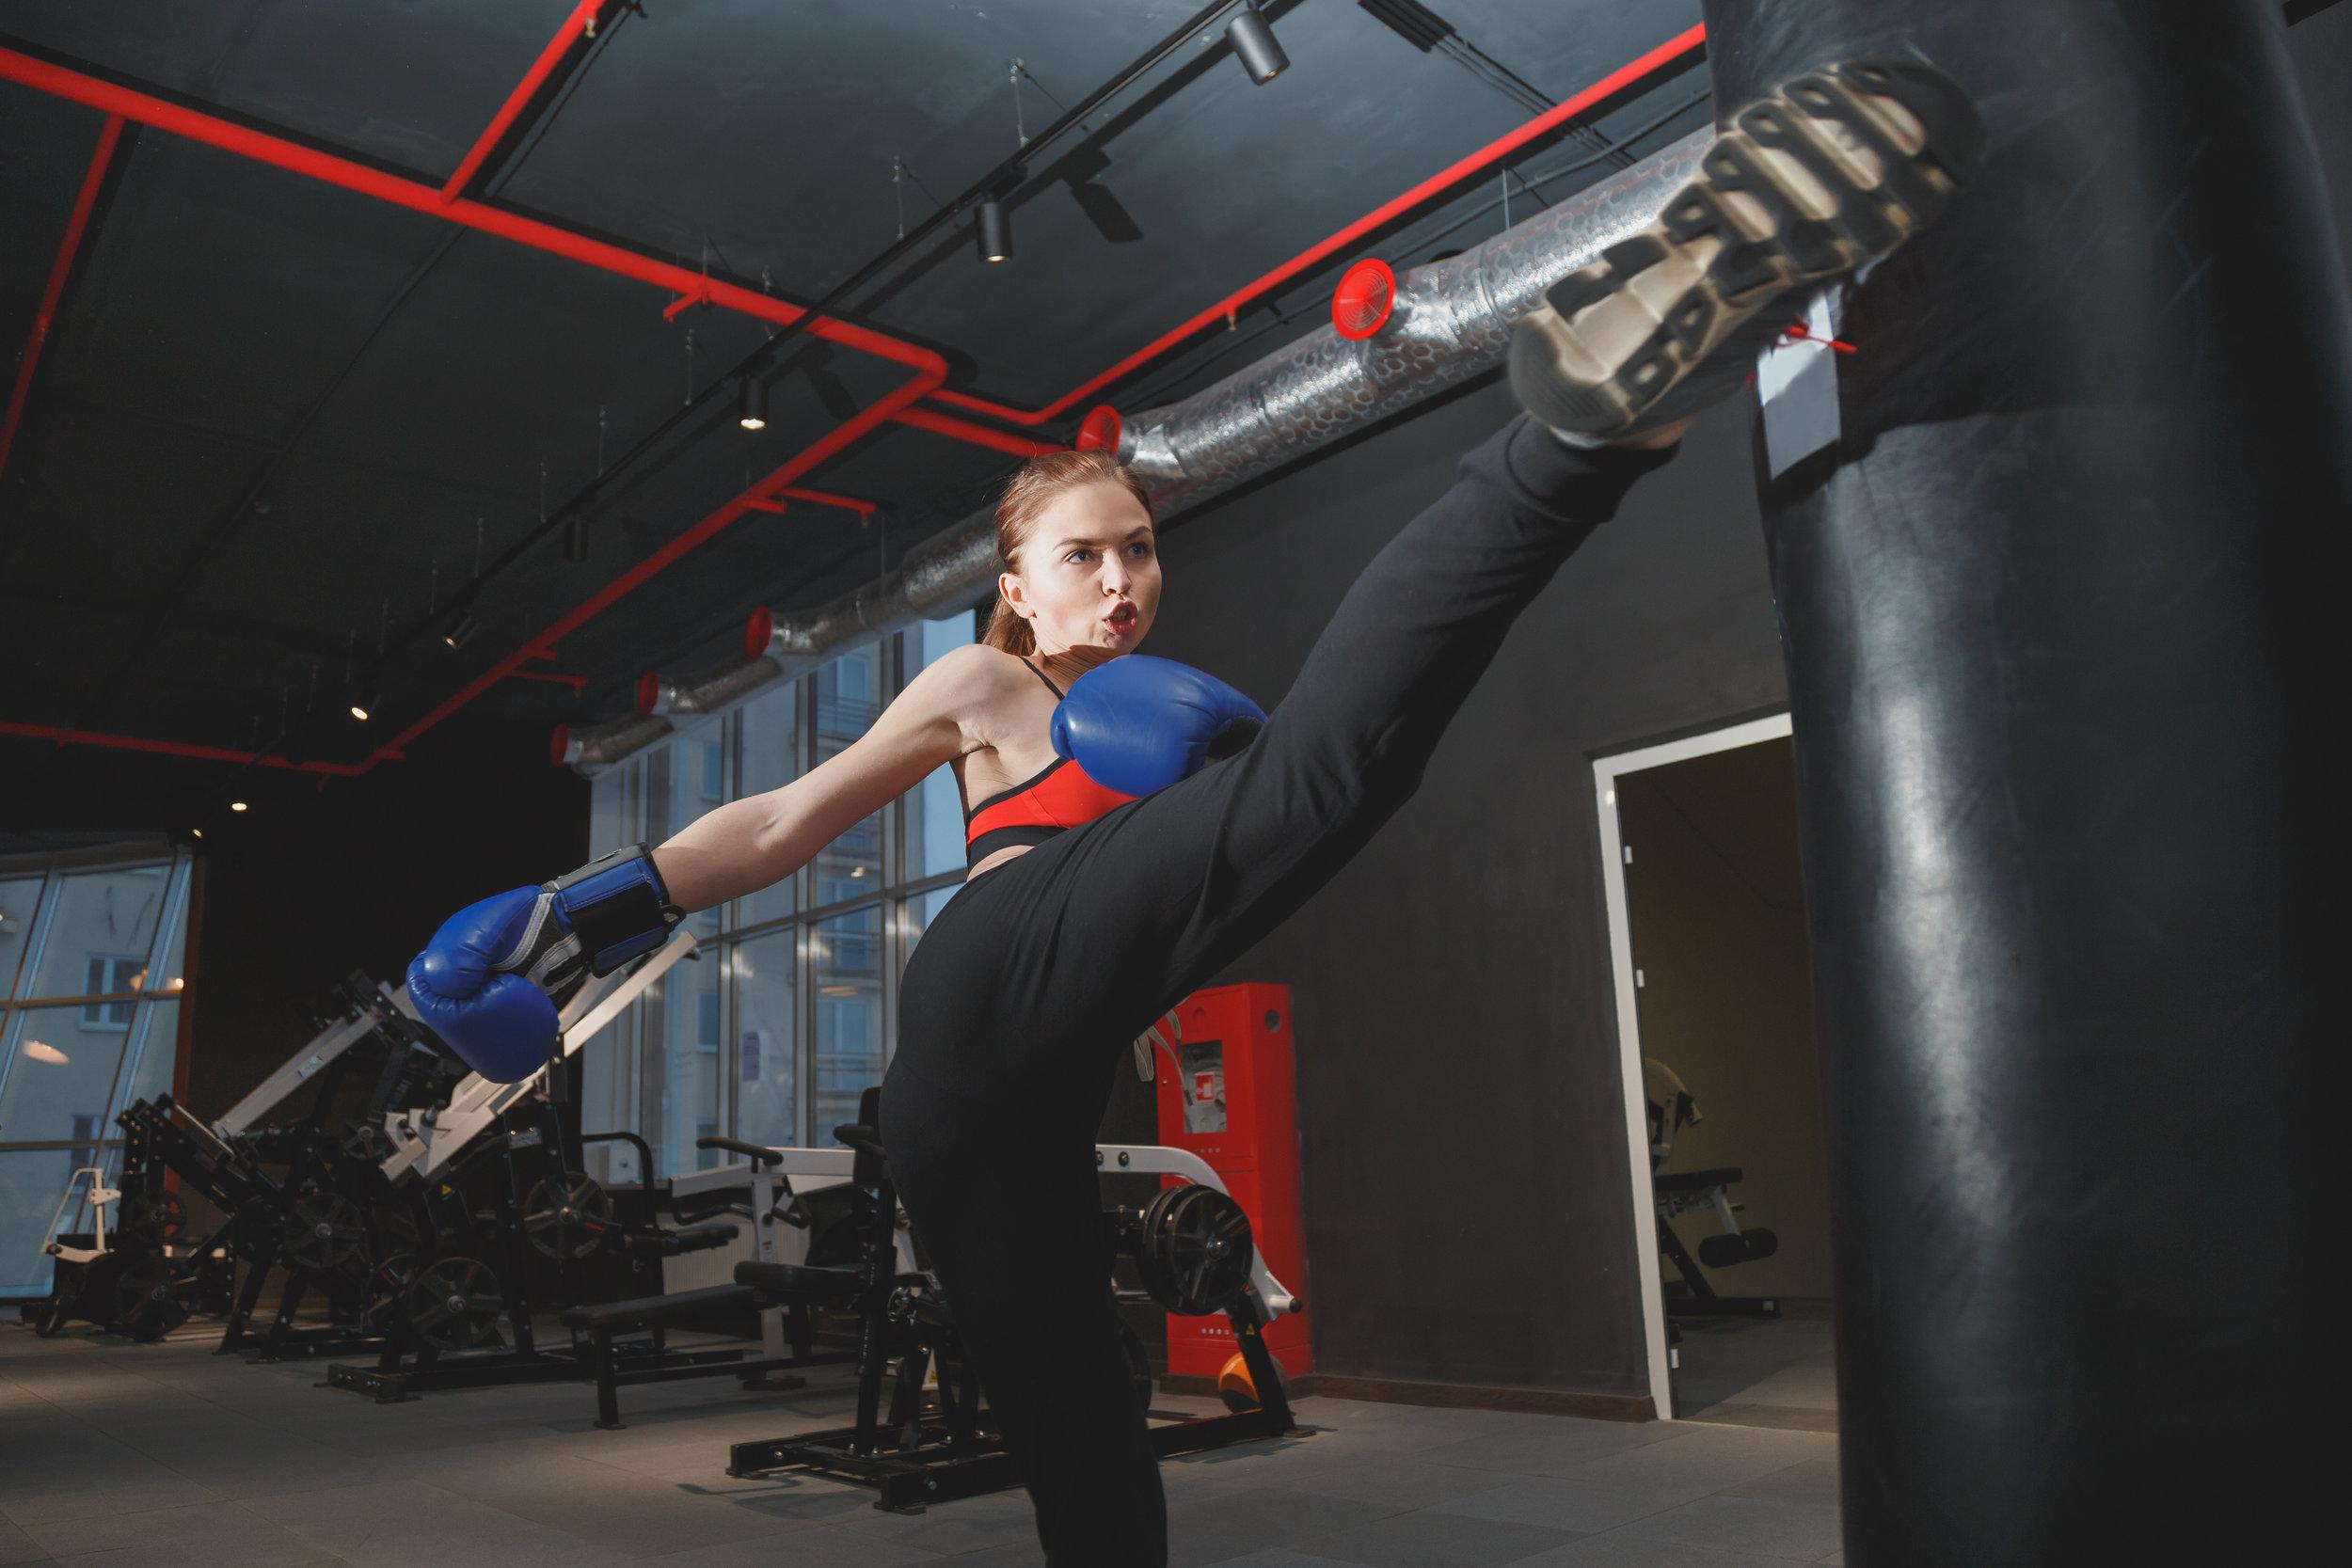 kickboxing-woman-punching-kicking-bag-at-the-gym-PVJ9KGK.jpg